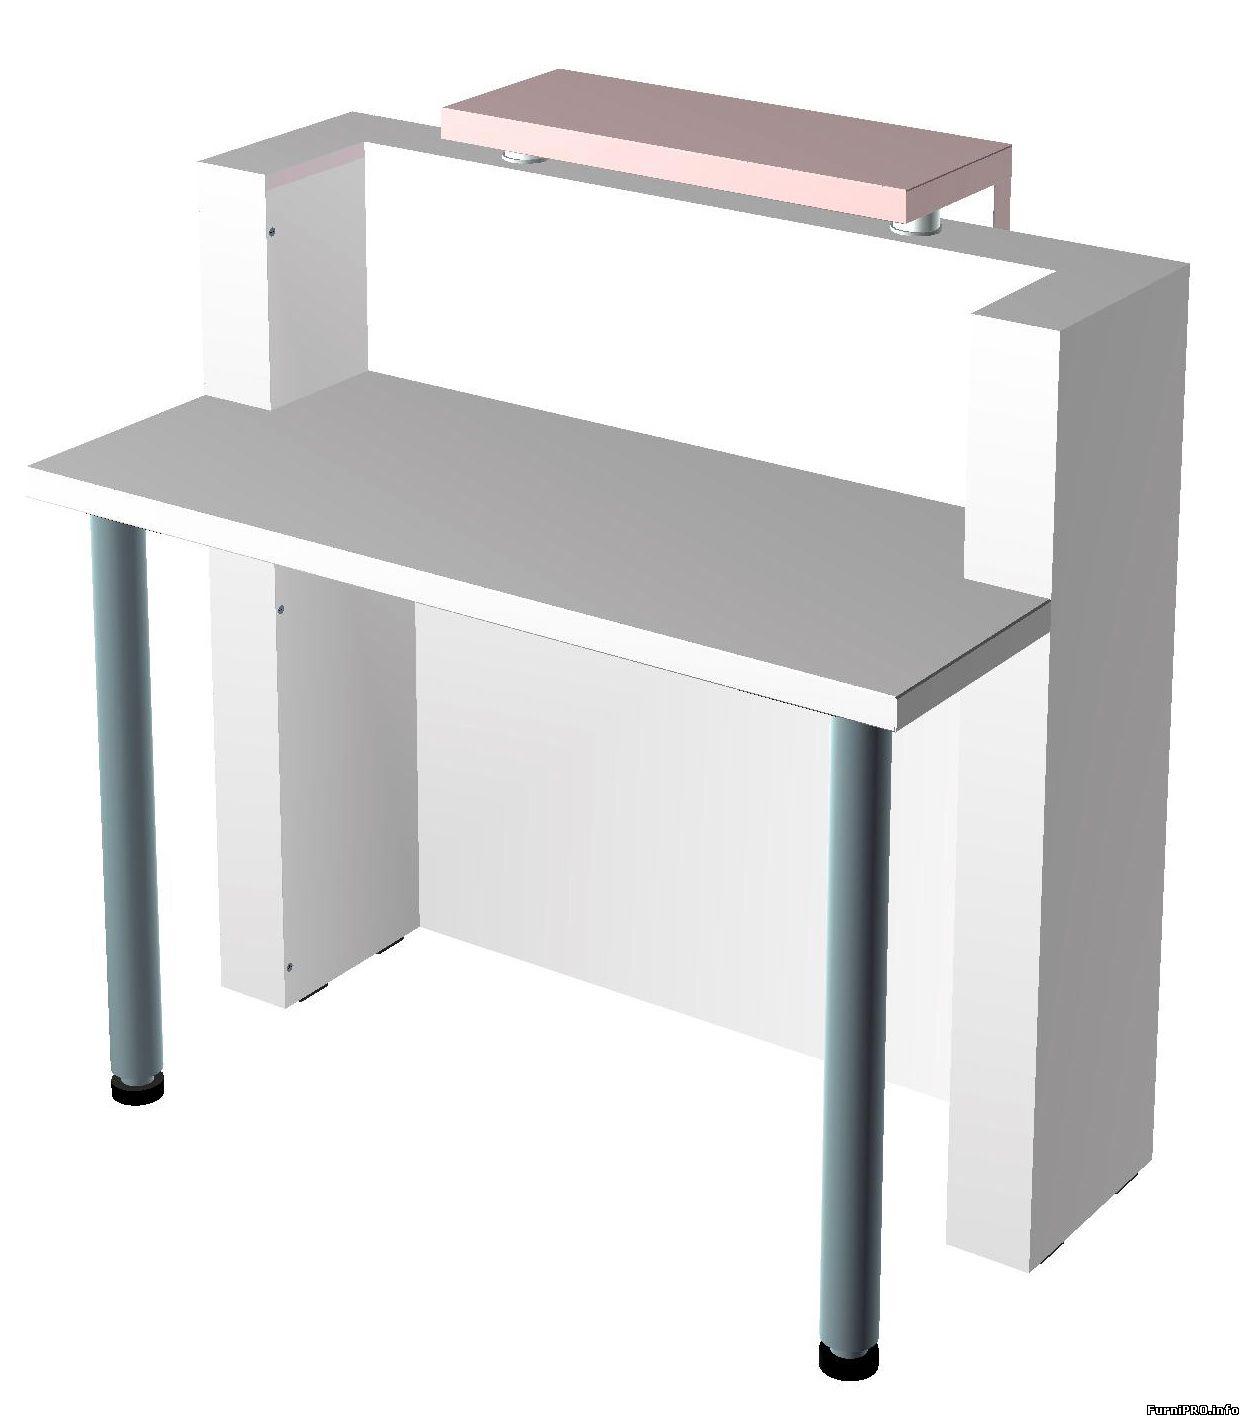 Рецепшн — 3d модель — Woody — Библиотека моделей мебели — Скачать модели чертежи мебели и фурнитуры — Ме